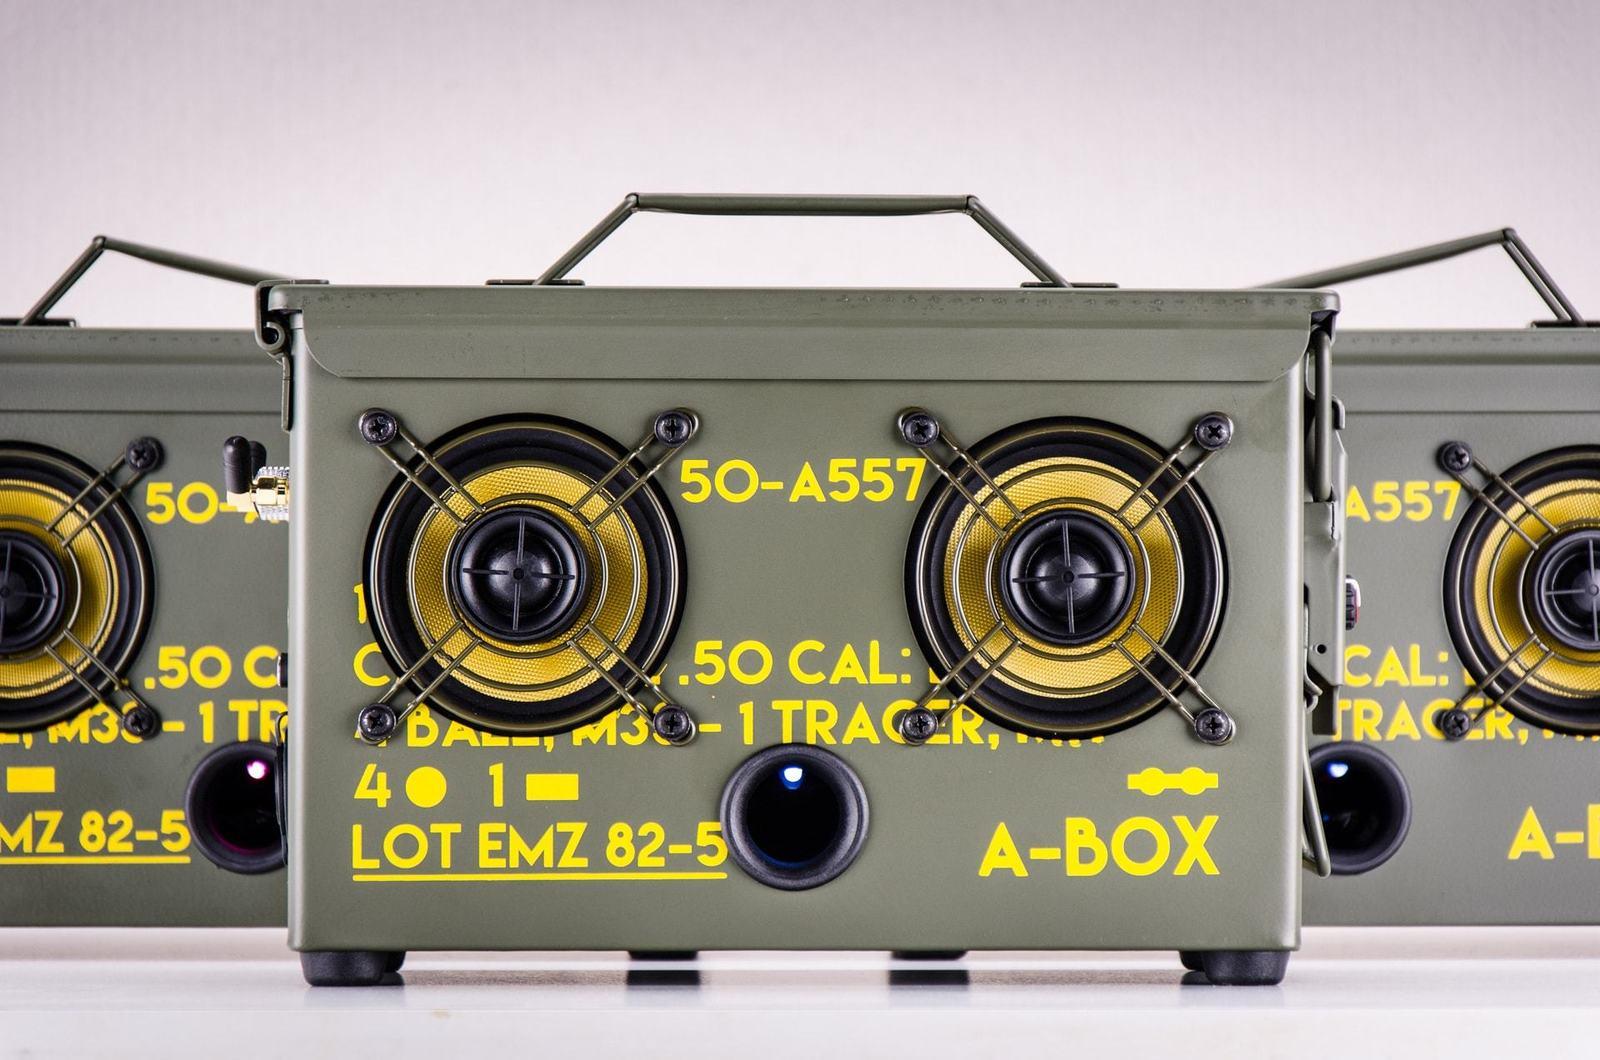 Ered wifi guitar amp camping bbq party beach best boombox 5 1a049f79 cf6d 44e2 9734 e7da289c8248